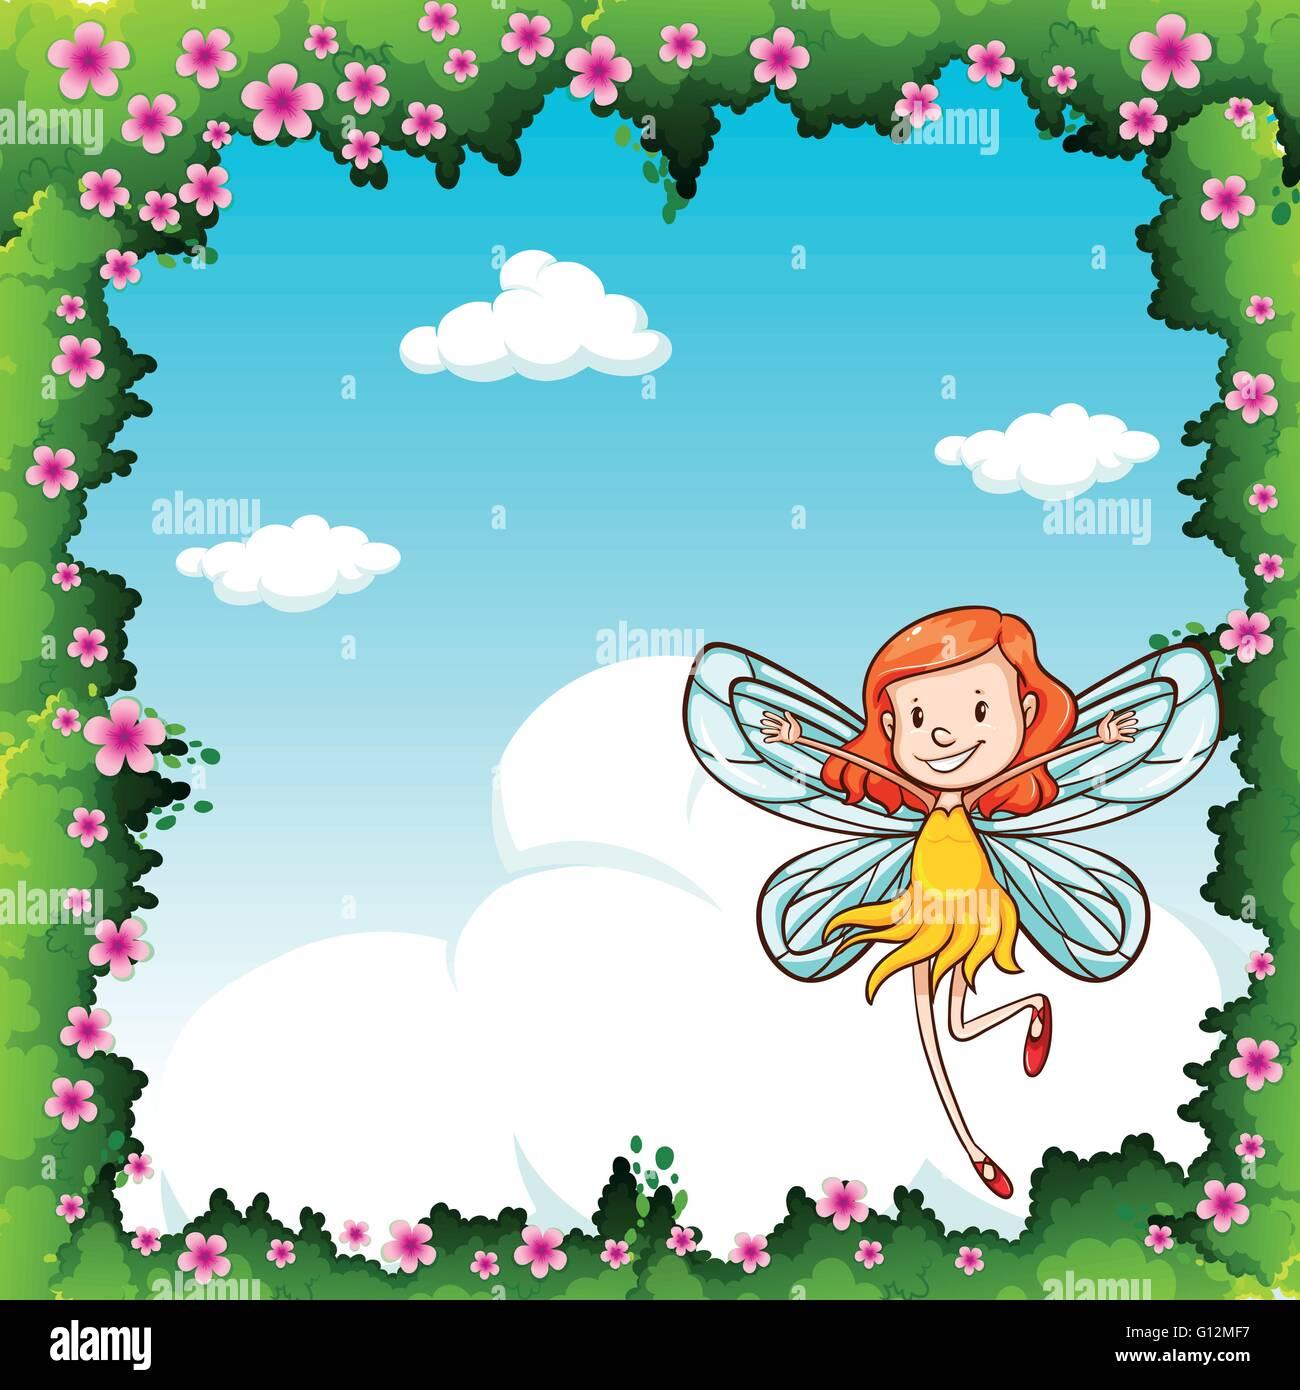 La conception de la frontière avec volant dans le ciel de fées illustration Photo Stock